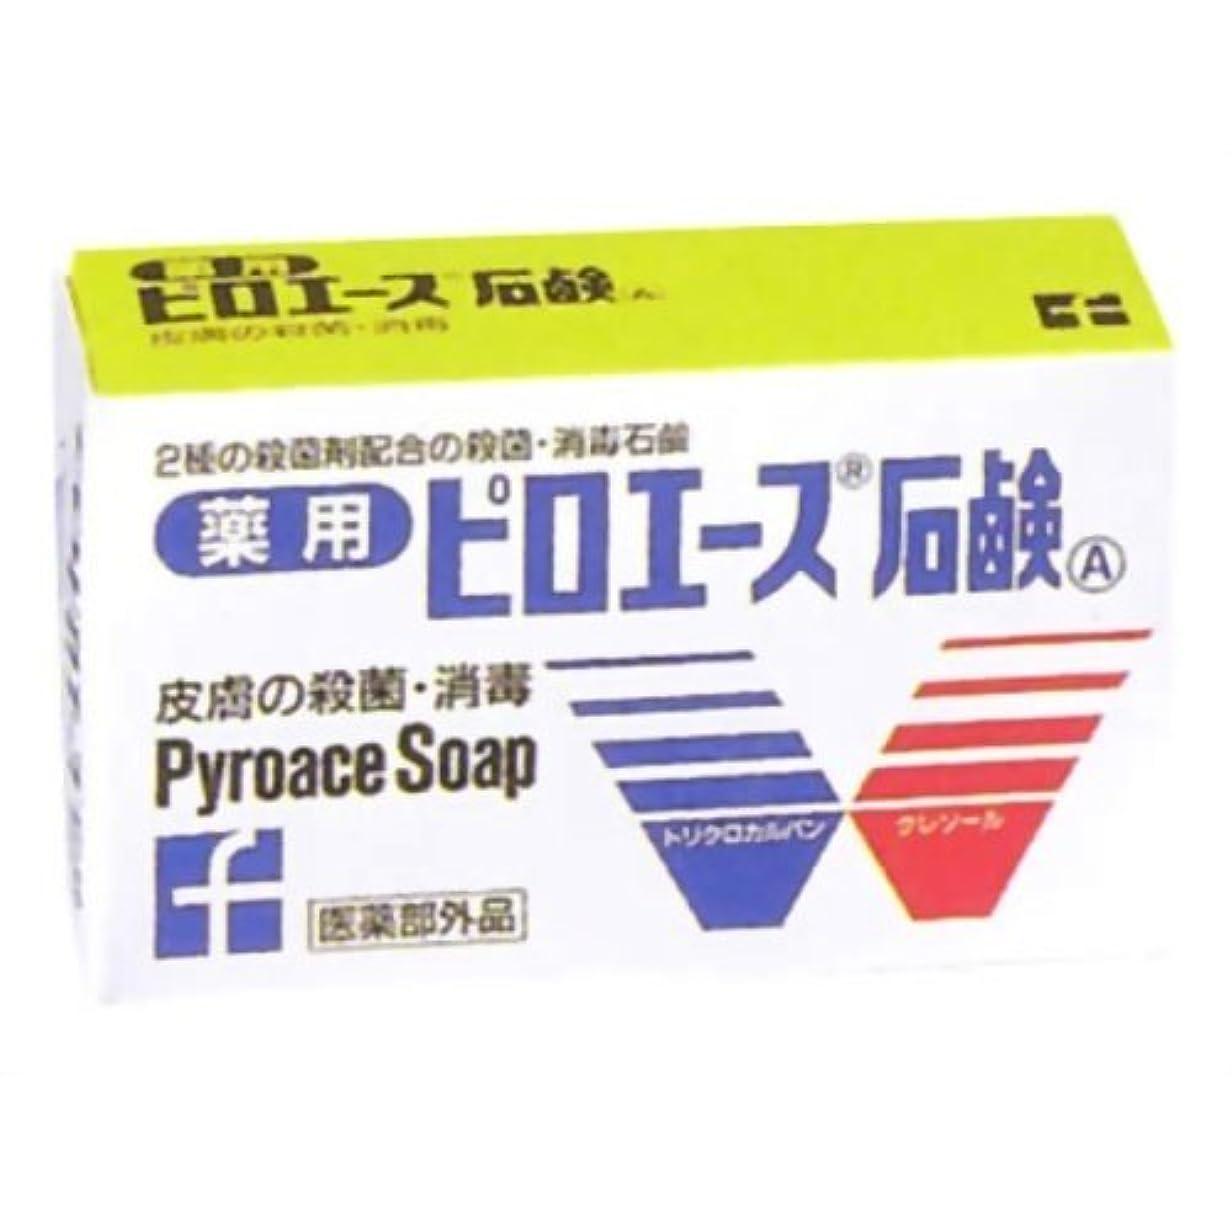 公爵準備したオートメーション【第一三共ヘルスケア】ピロエース石鹸 70g